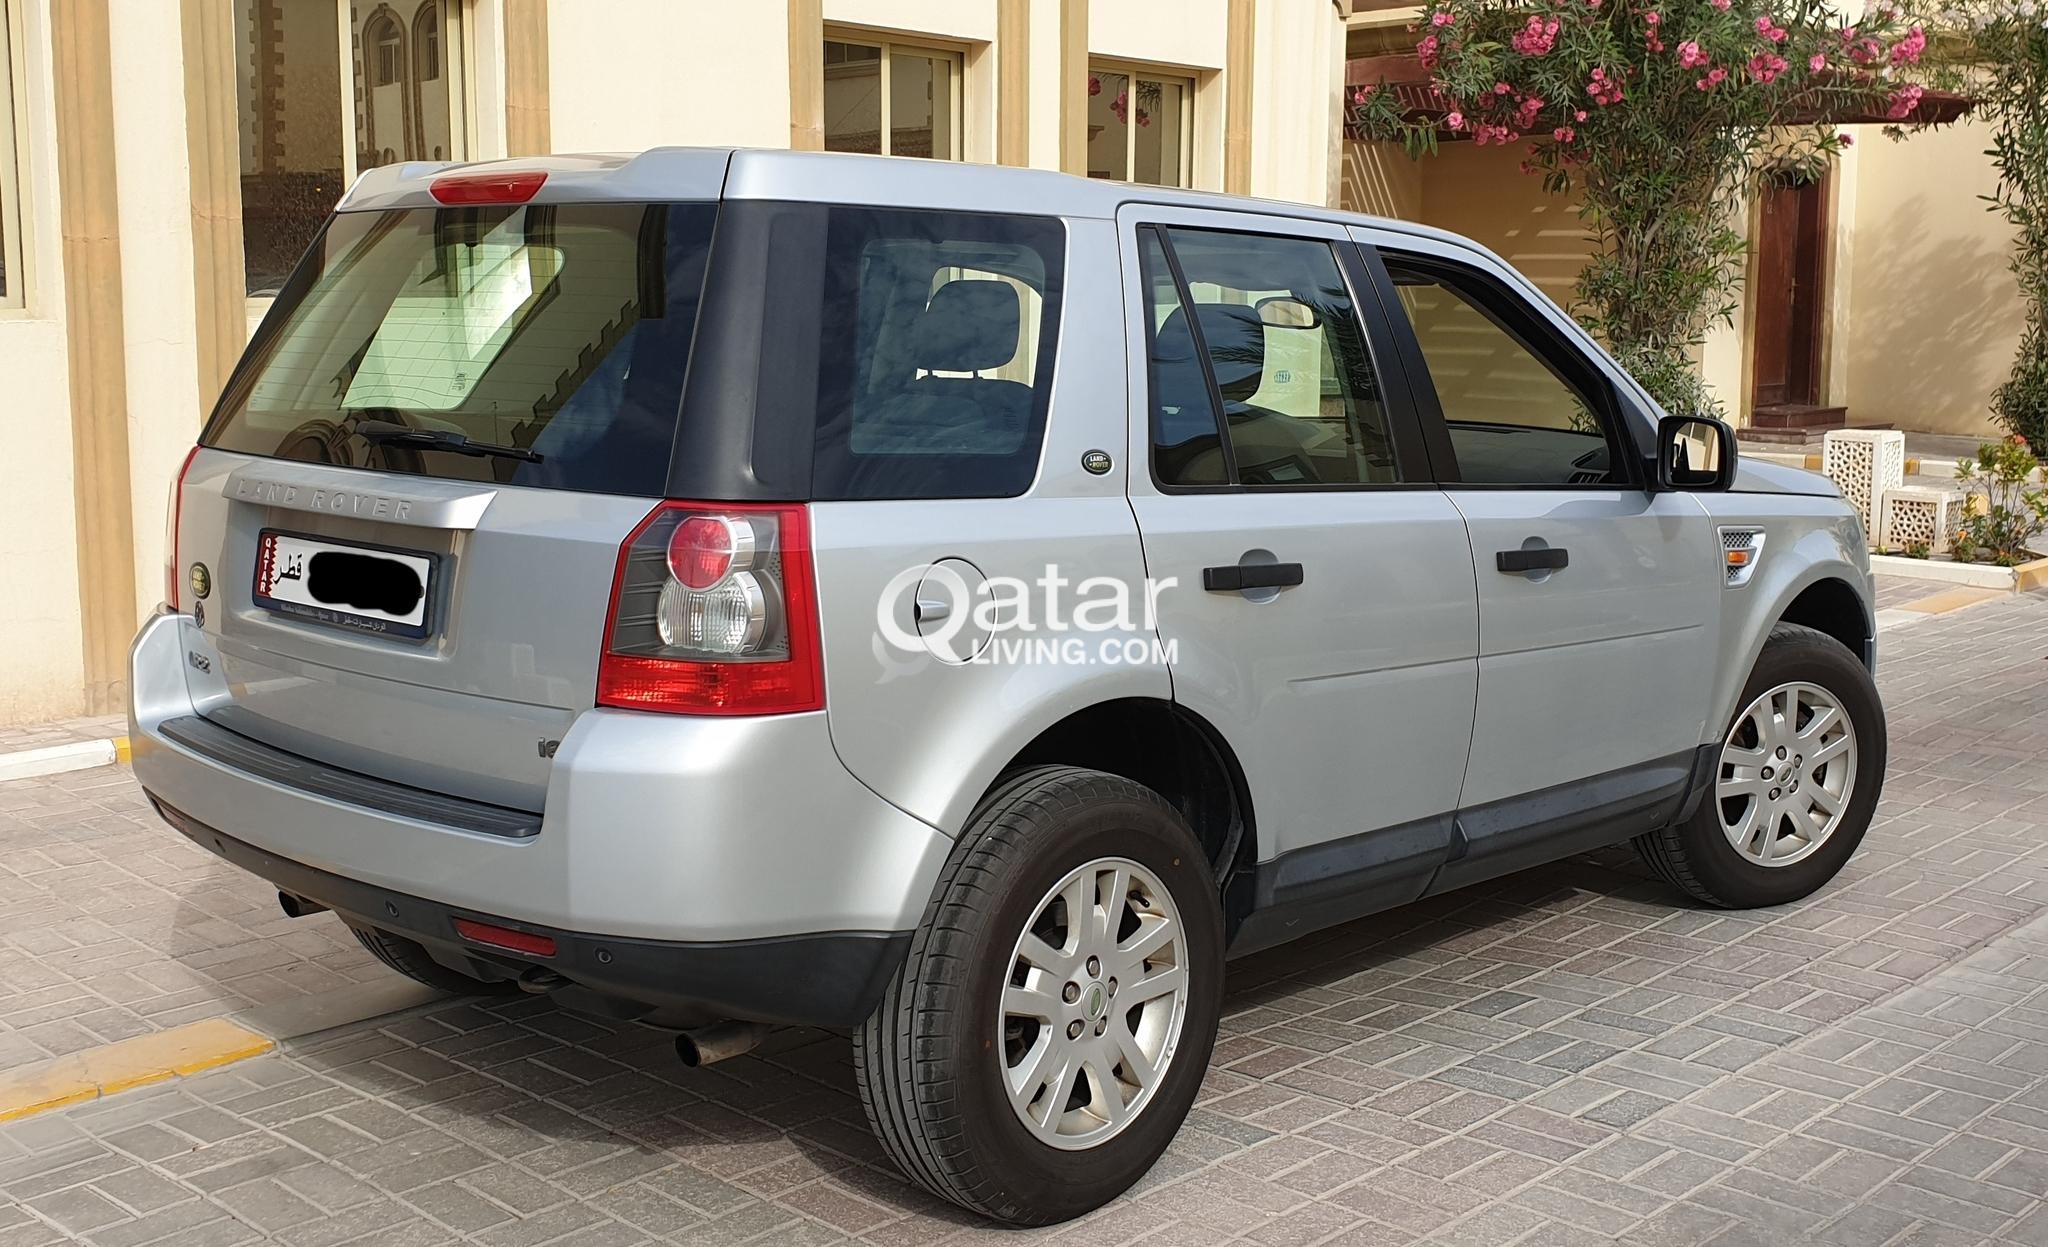 2007 Land Rover LR2 (Freelander 2) - SOLD